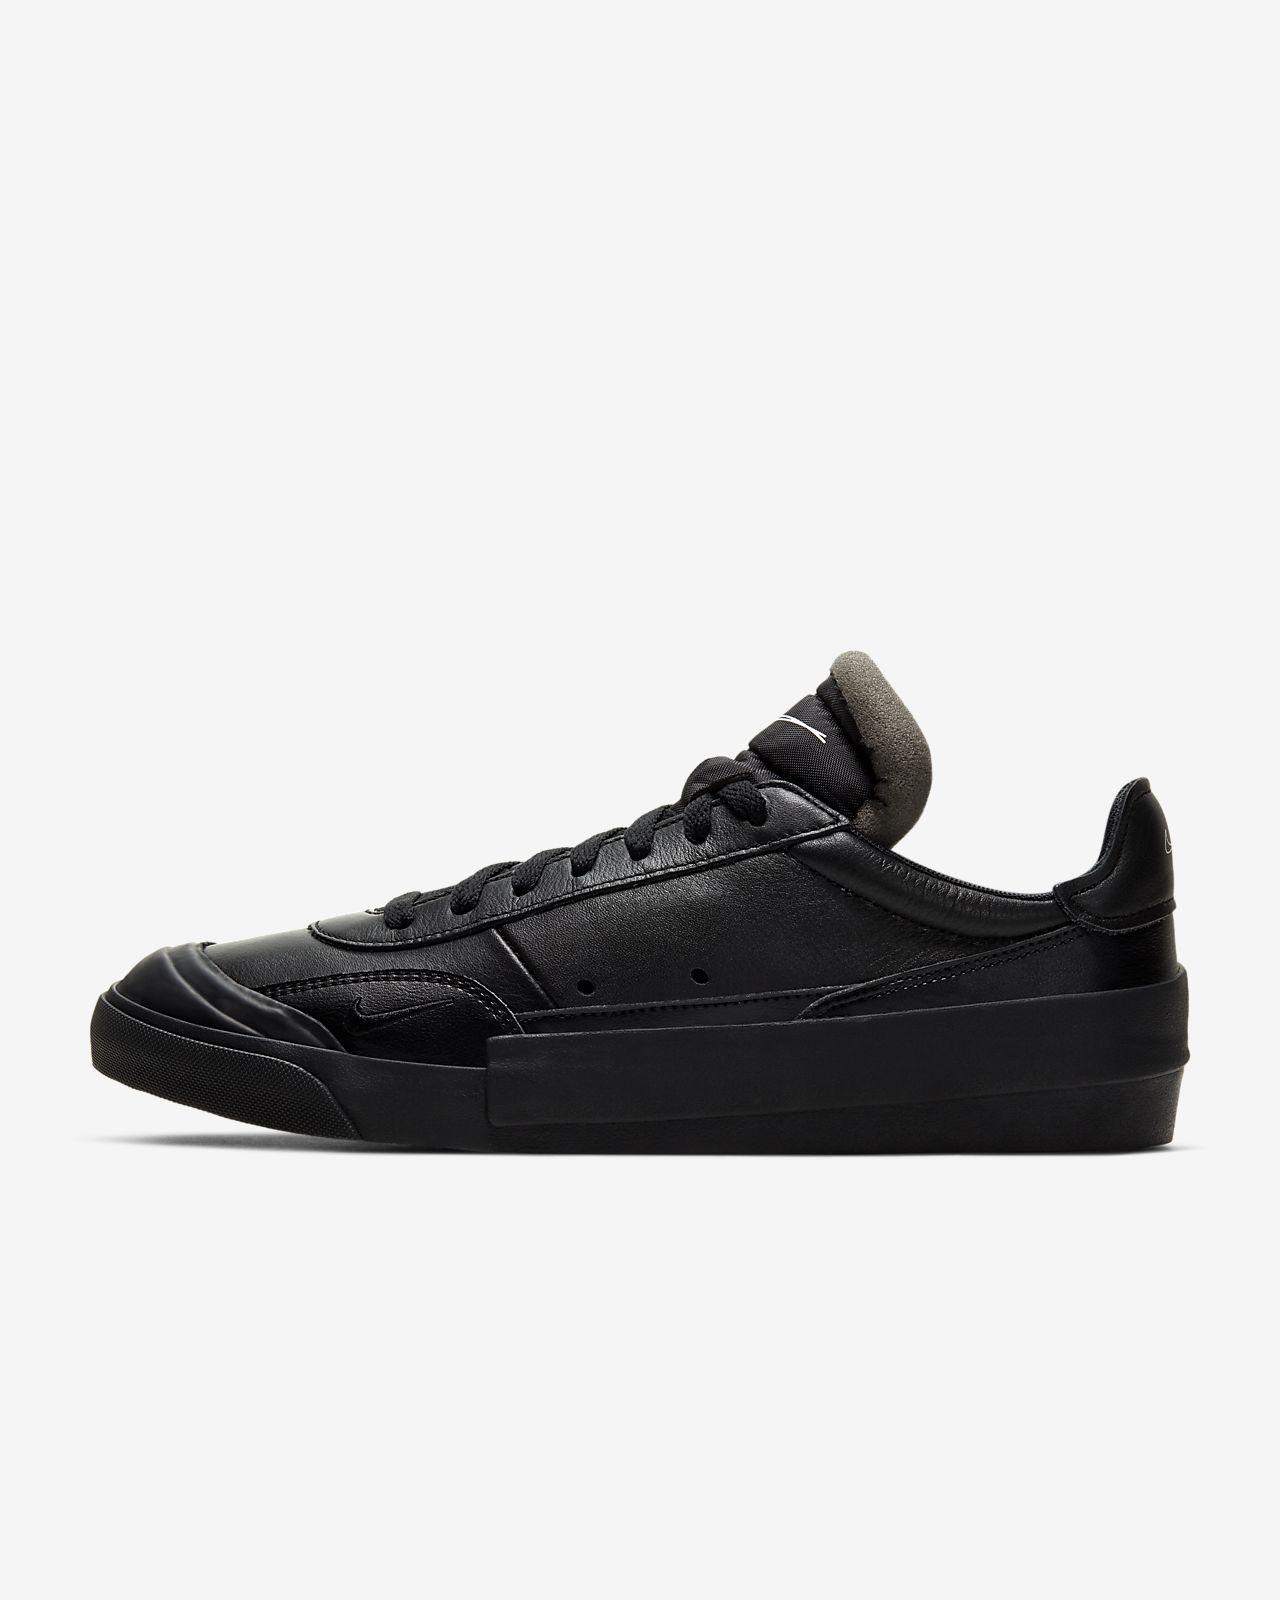 Nike Drop-Type PRM 男子运动鞋